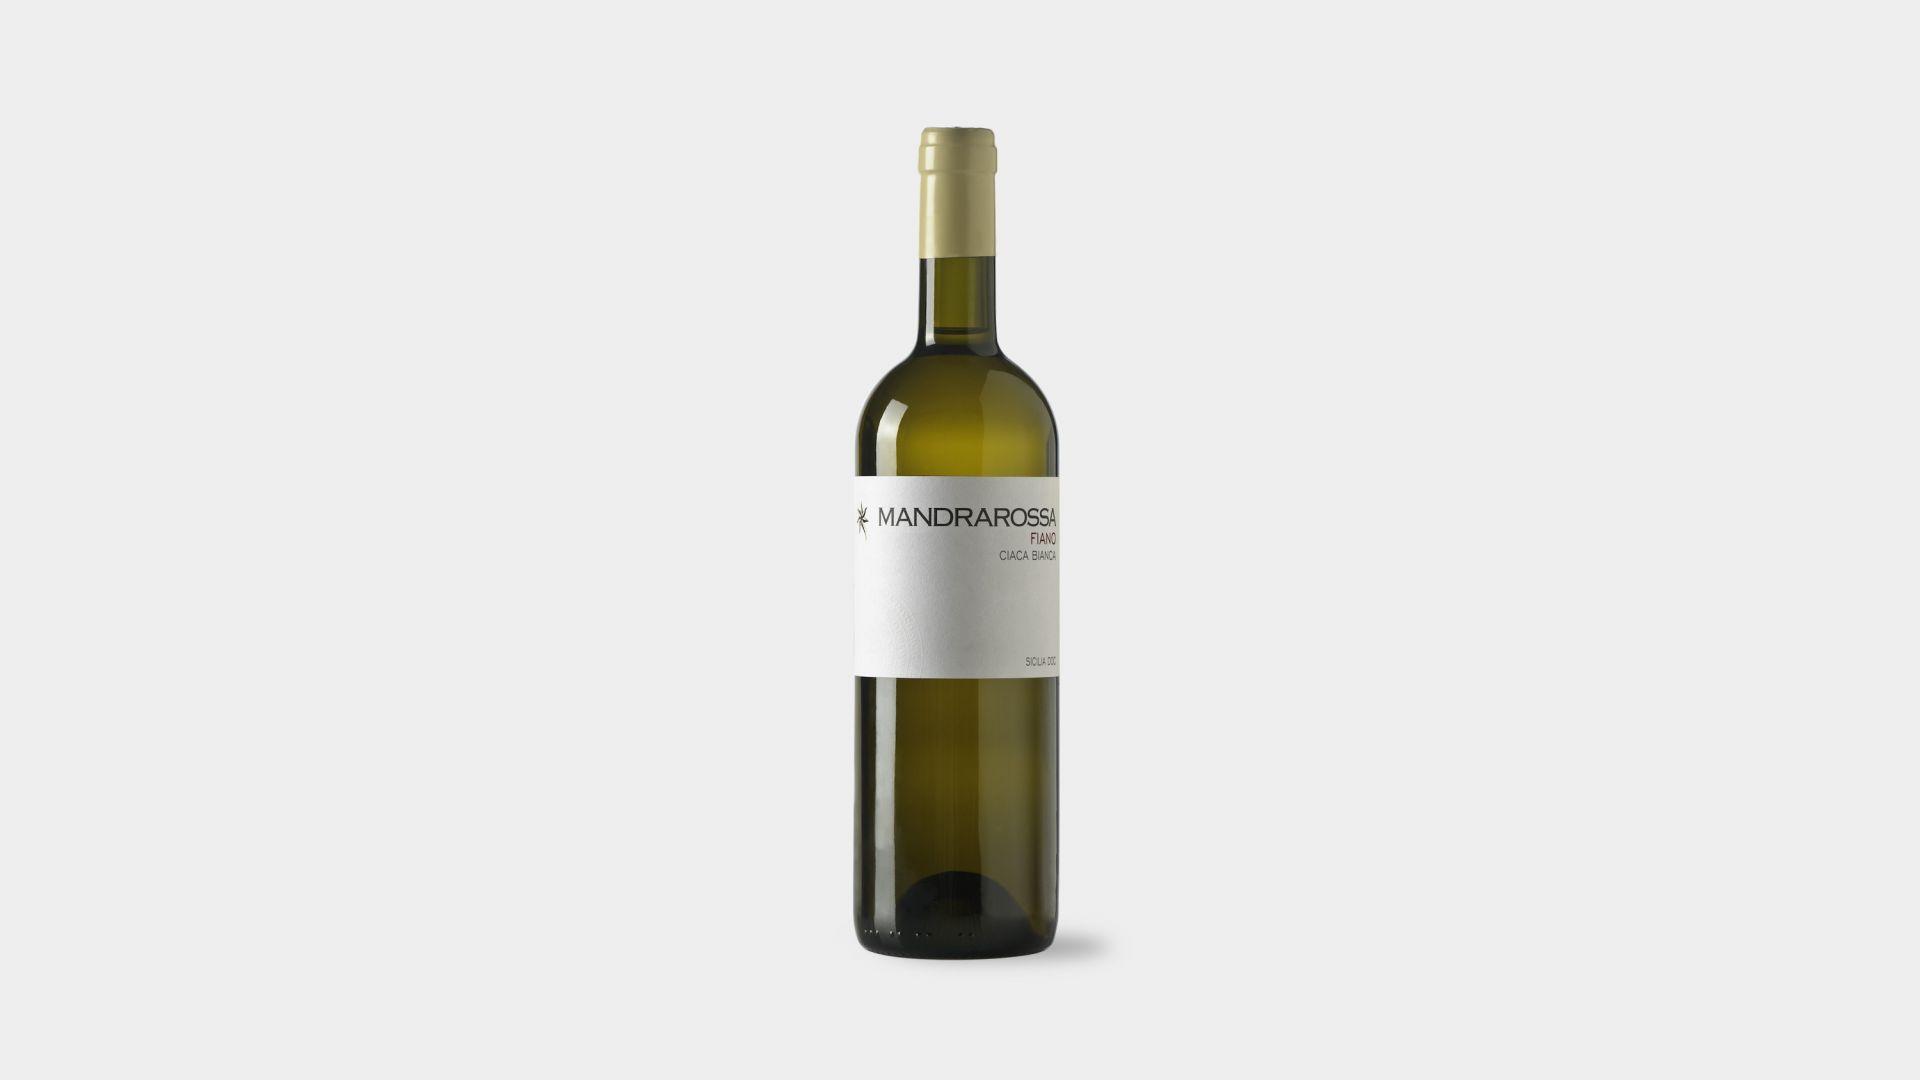 Mandrarossa - Fiano Ciaca Bianca